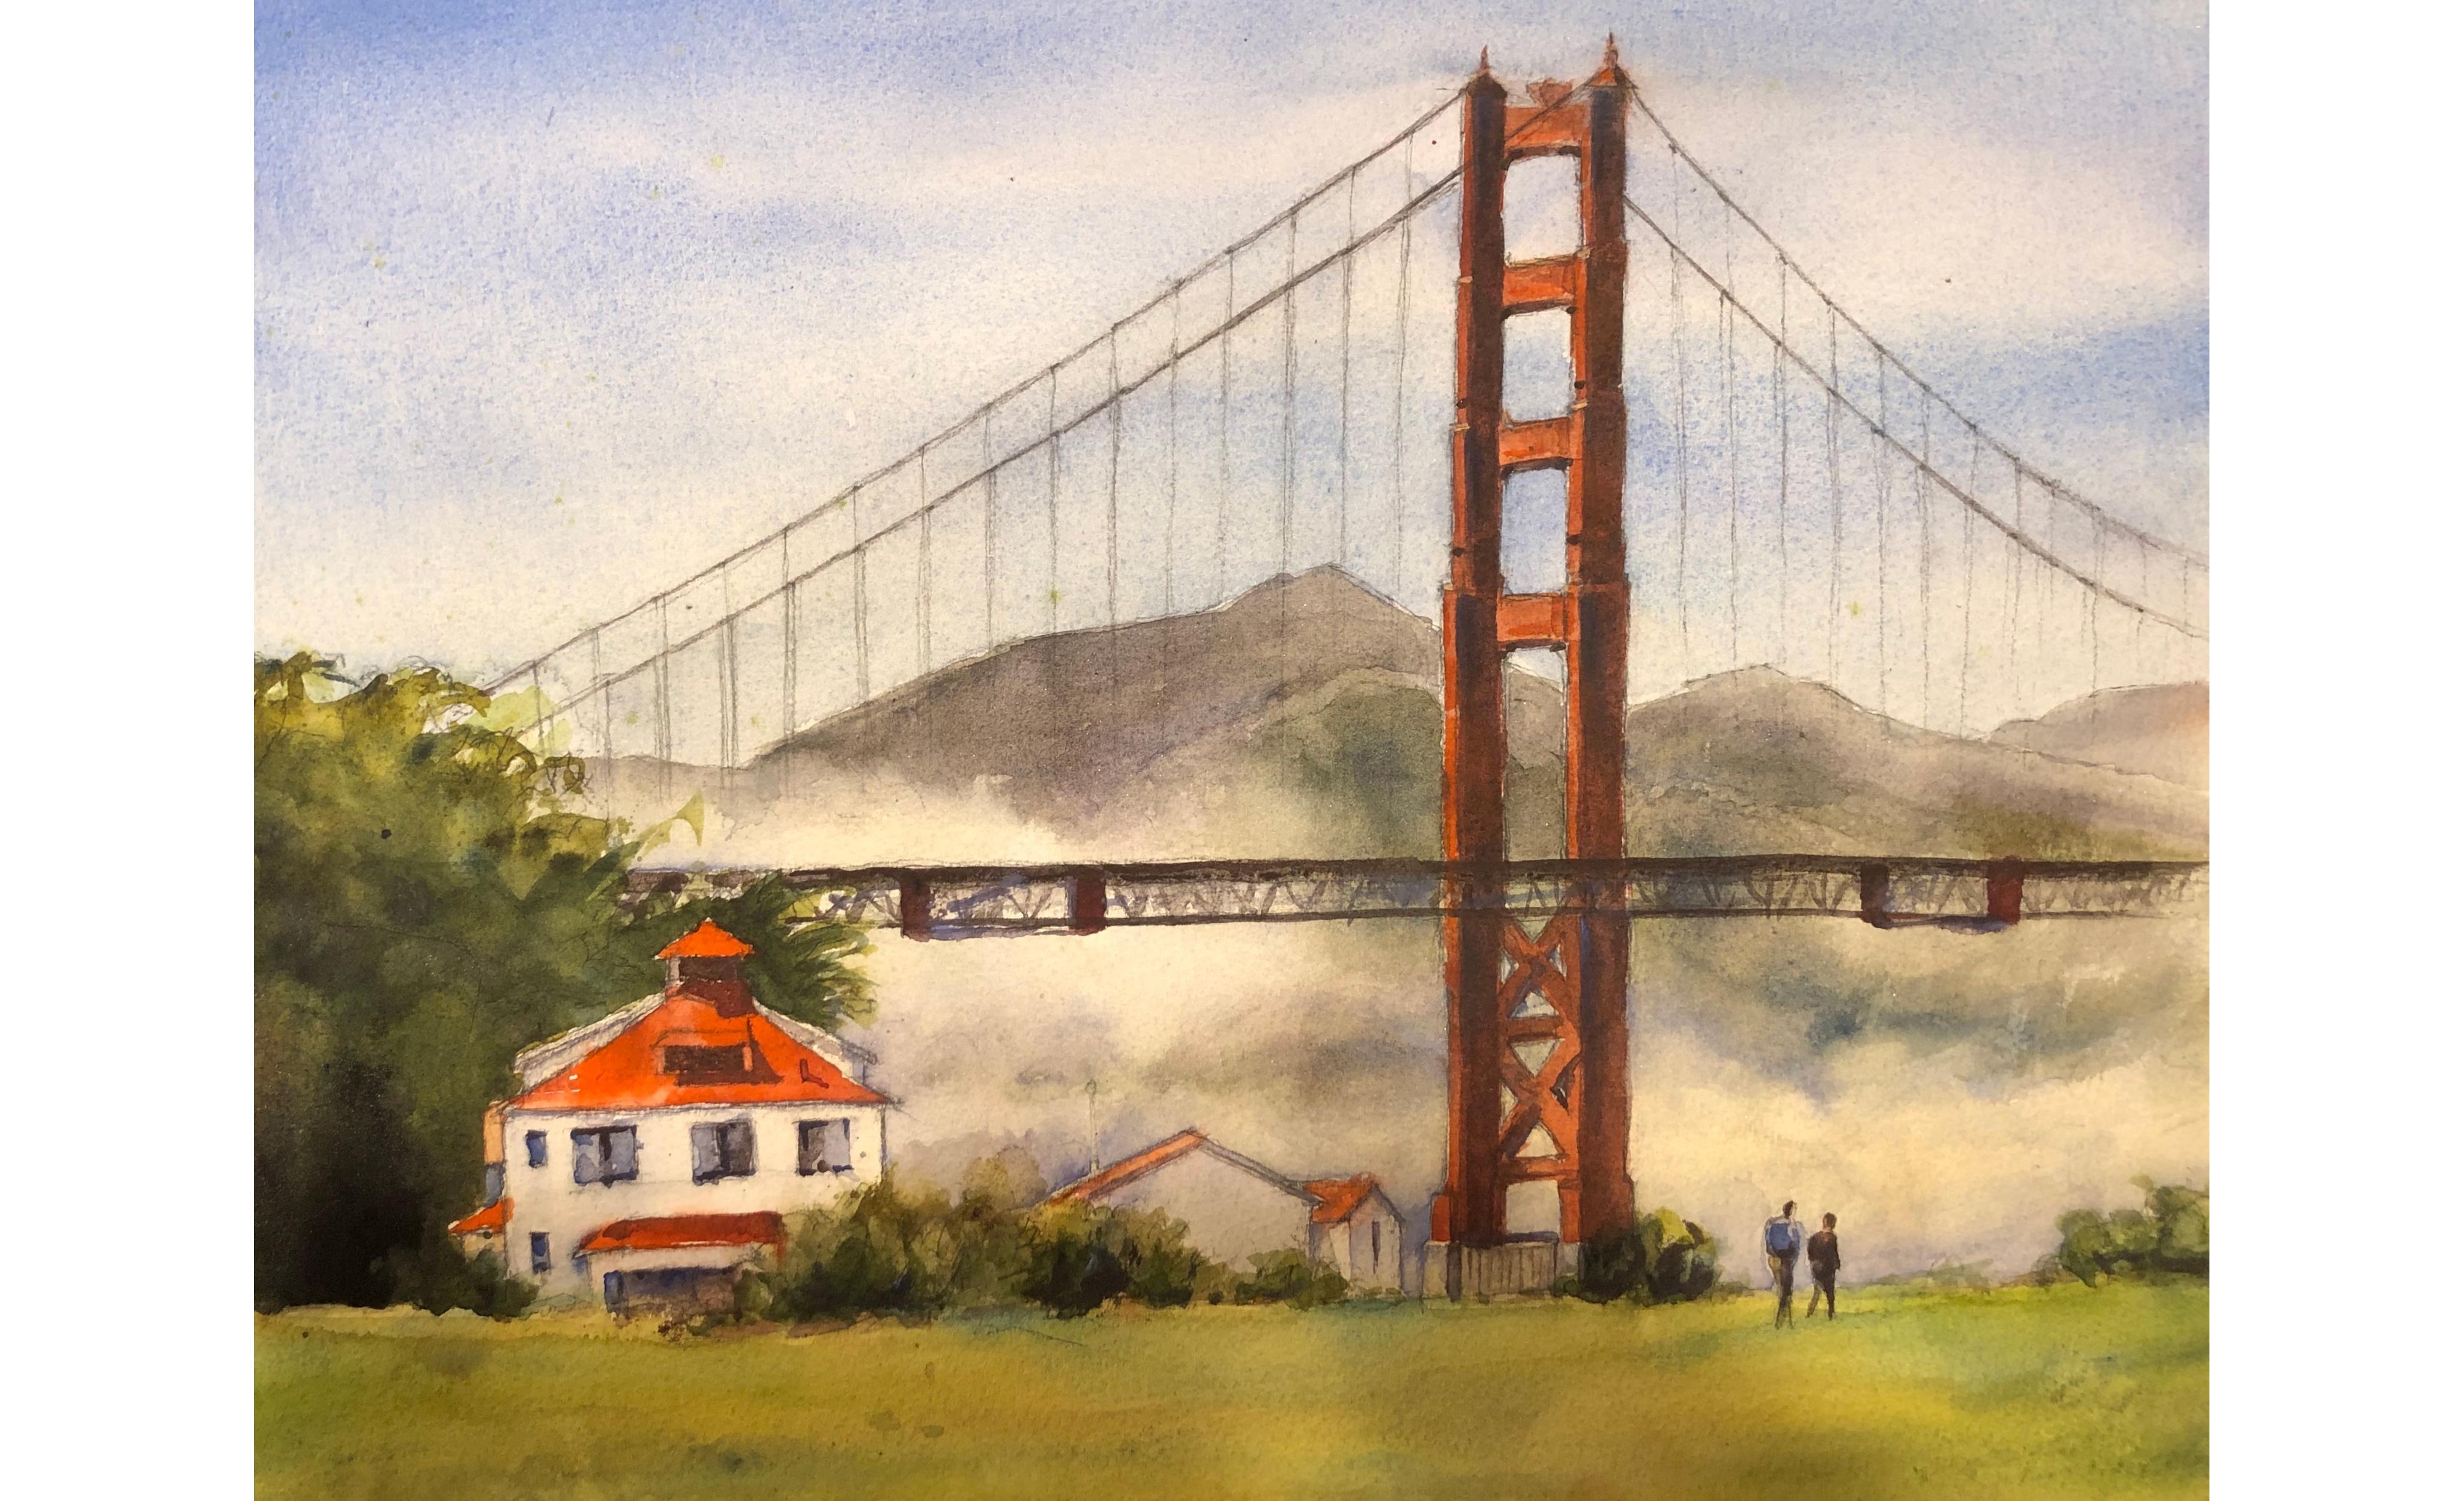 Golden Gate Bridge (Crissy Field) painting by Jana Parkin